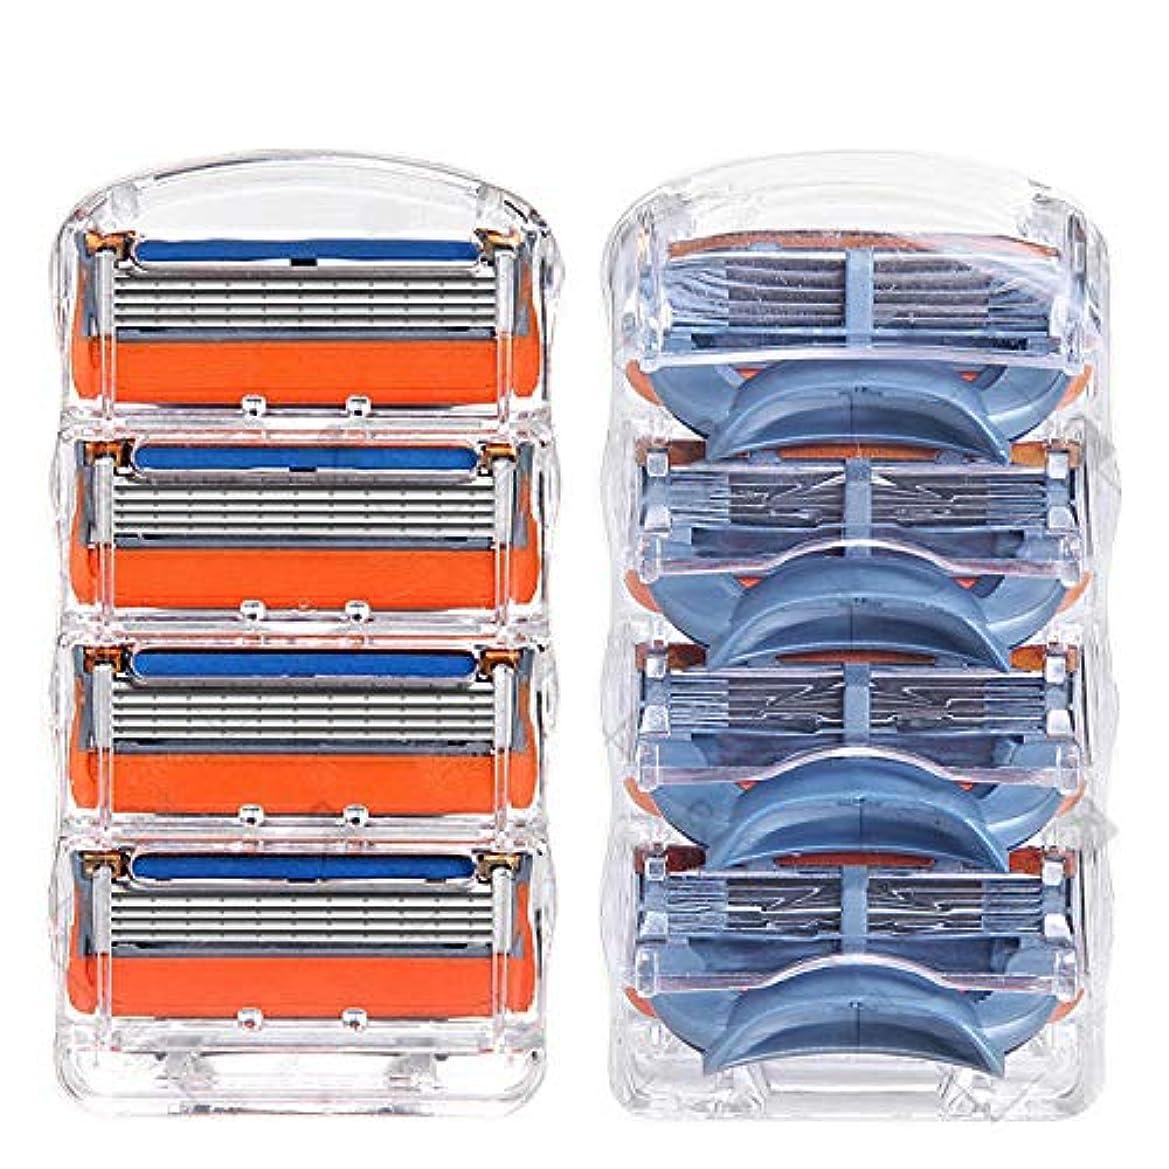 富ホテルビデオAJACK 8個 シェーバーヘッド 交換用 5層ブレード ジレットかみそりに適用